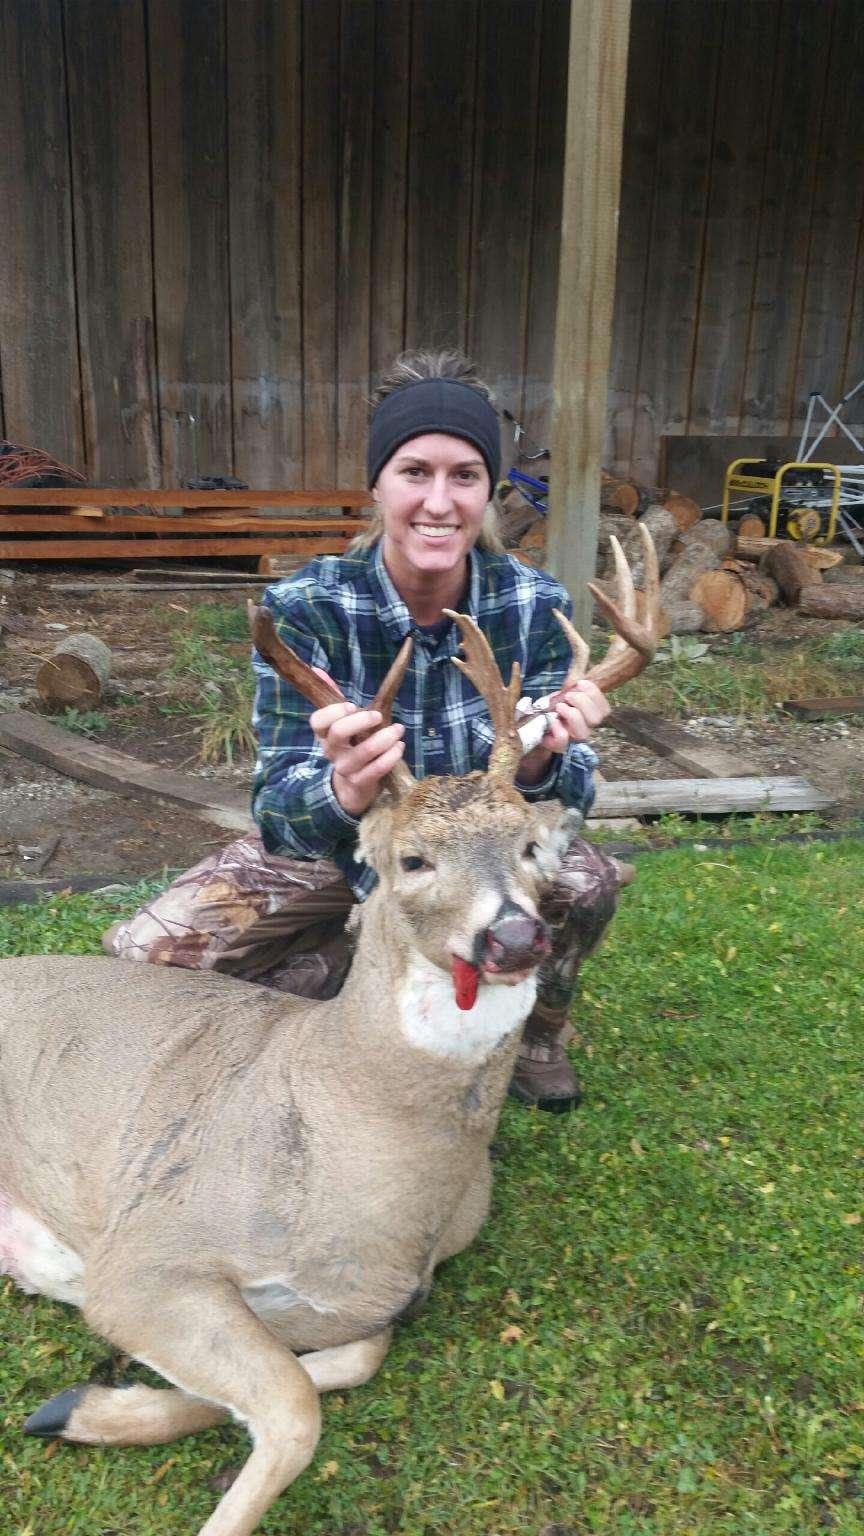 Tias first deer.